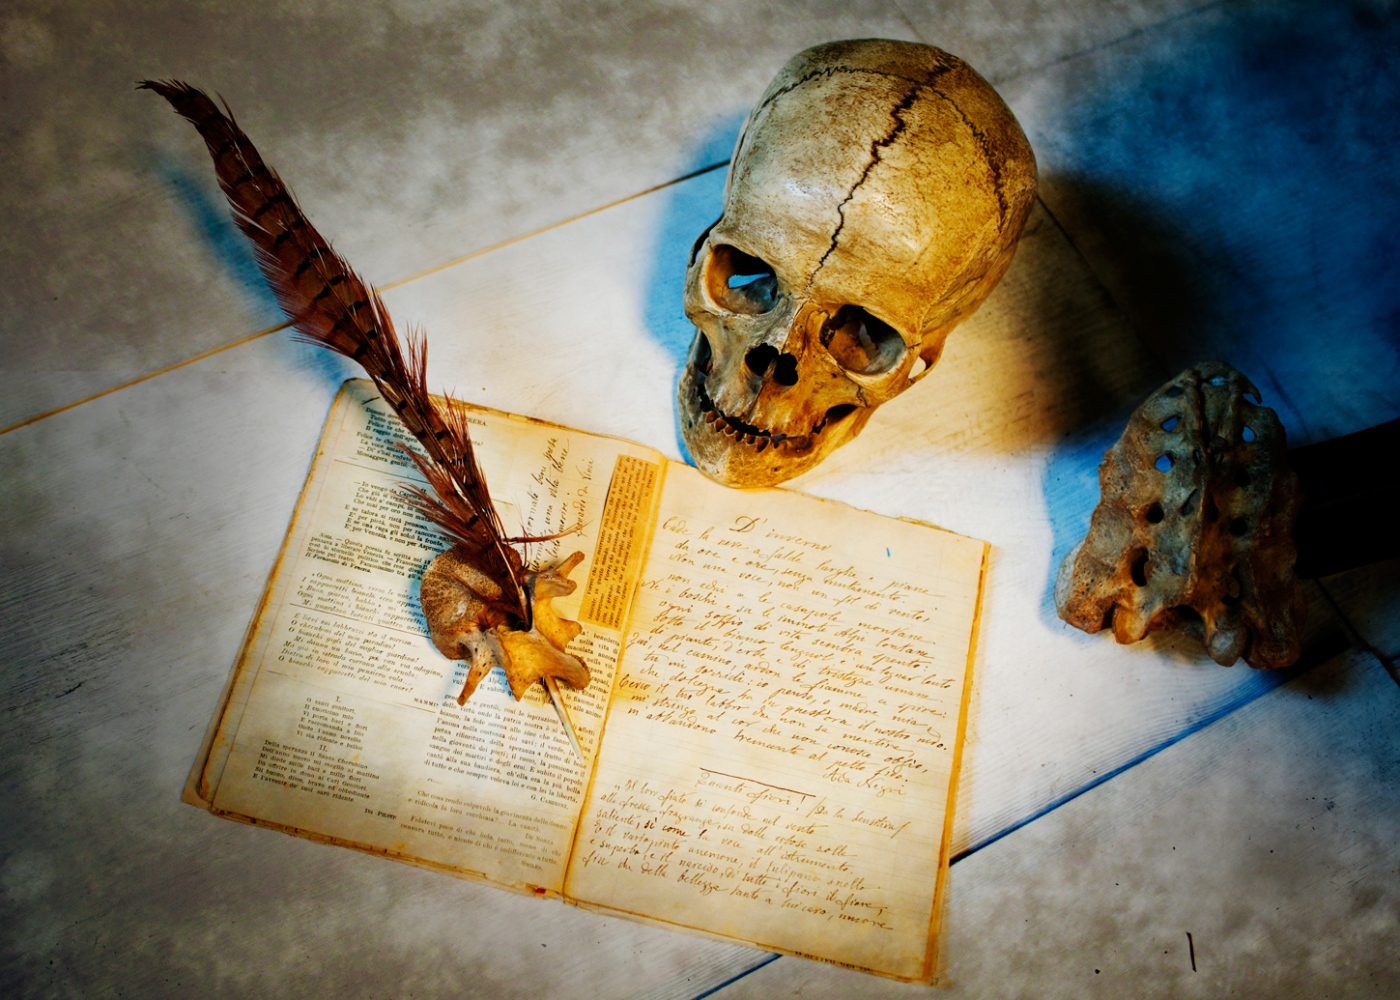 Art and Documentary Photography - Loading edgar2231a.jpg